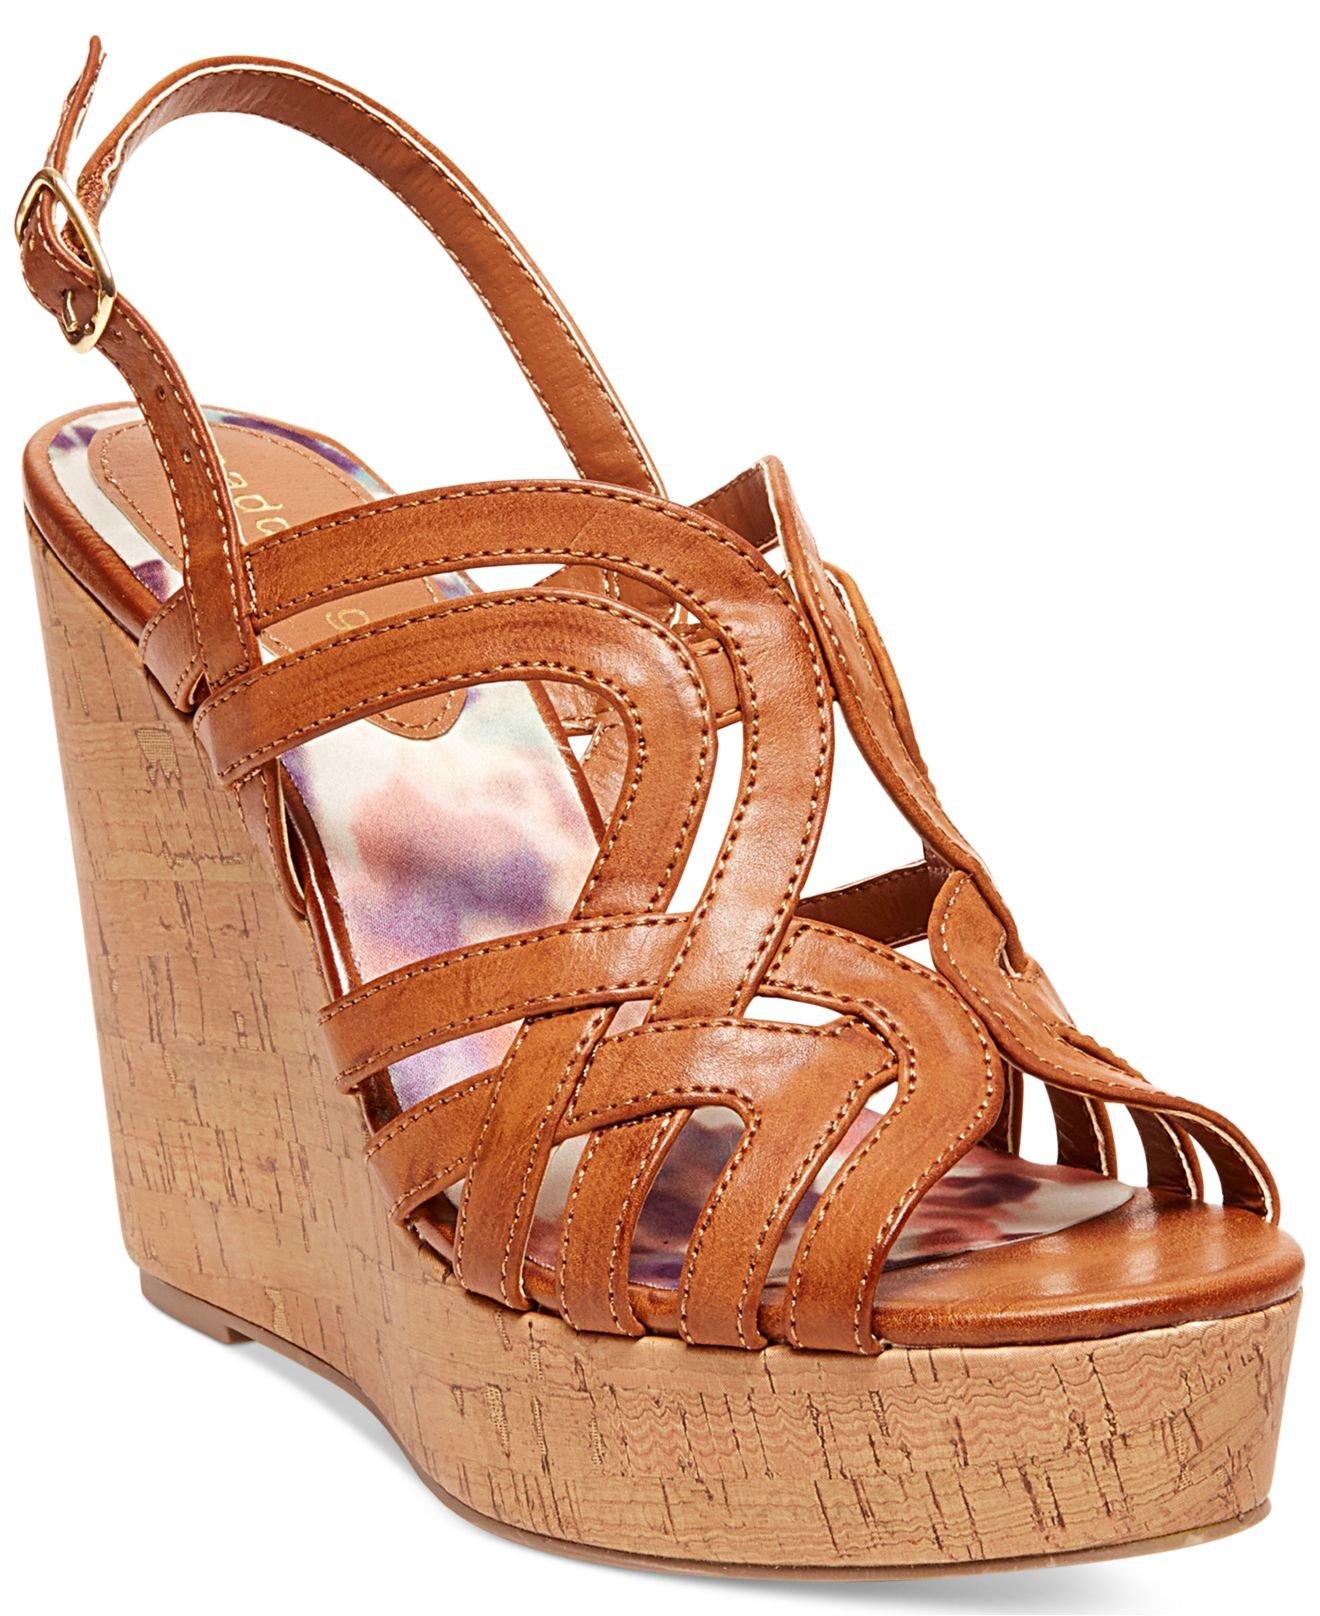 Madden Girl Eliite Cork Platform Wedge Sandals In Orange